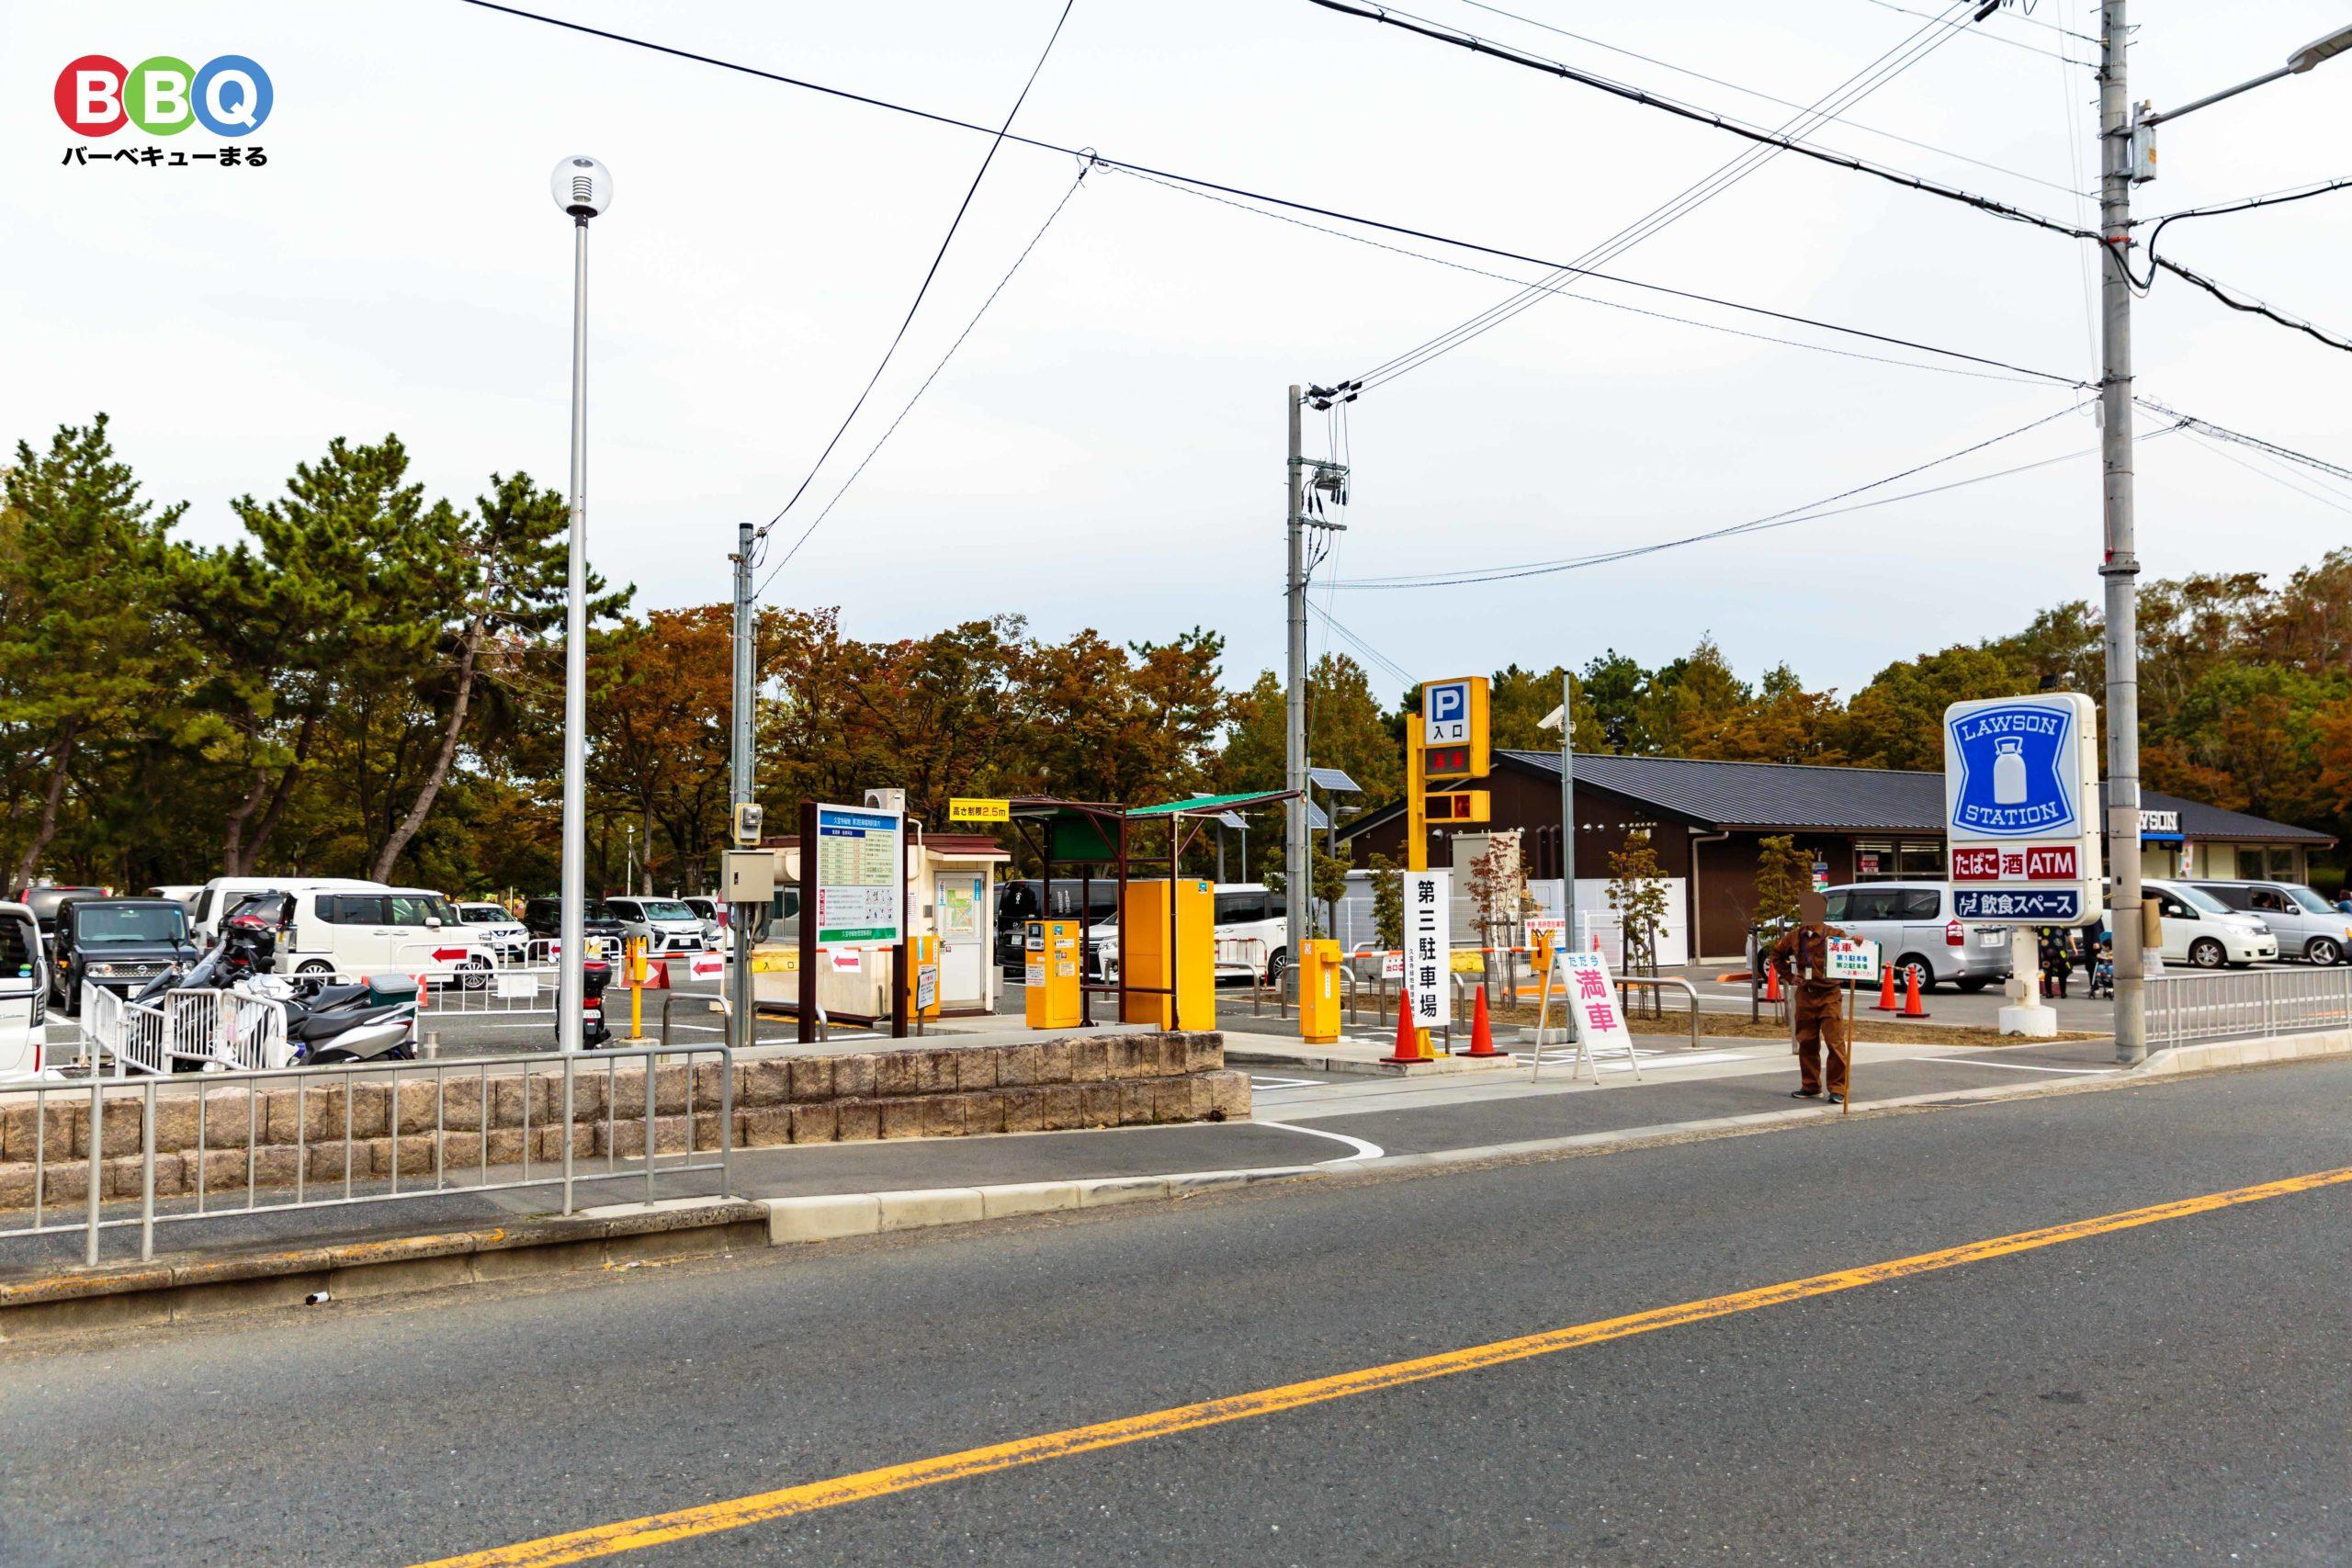 久宝寺緑地公園駐車場出入り口